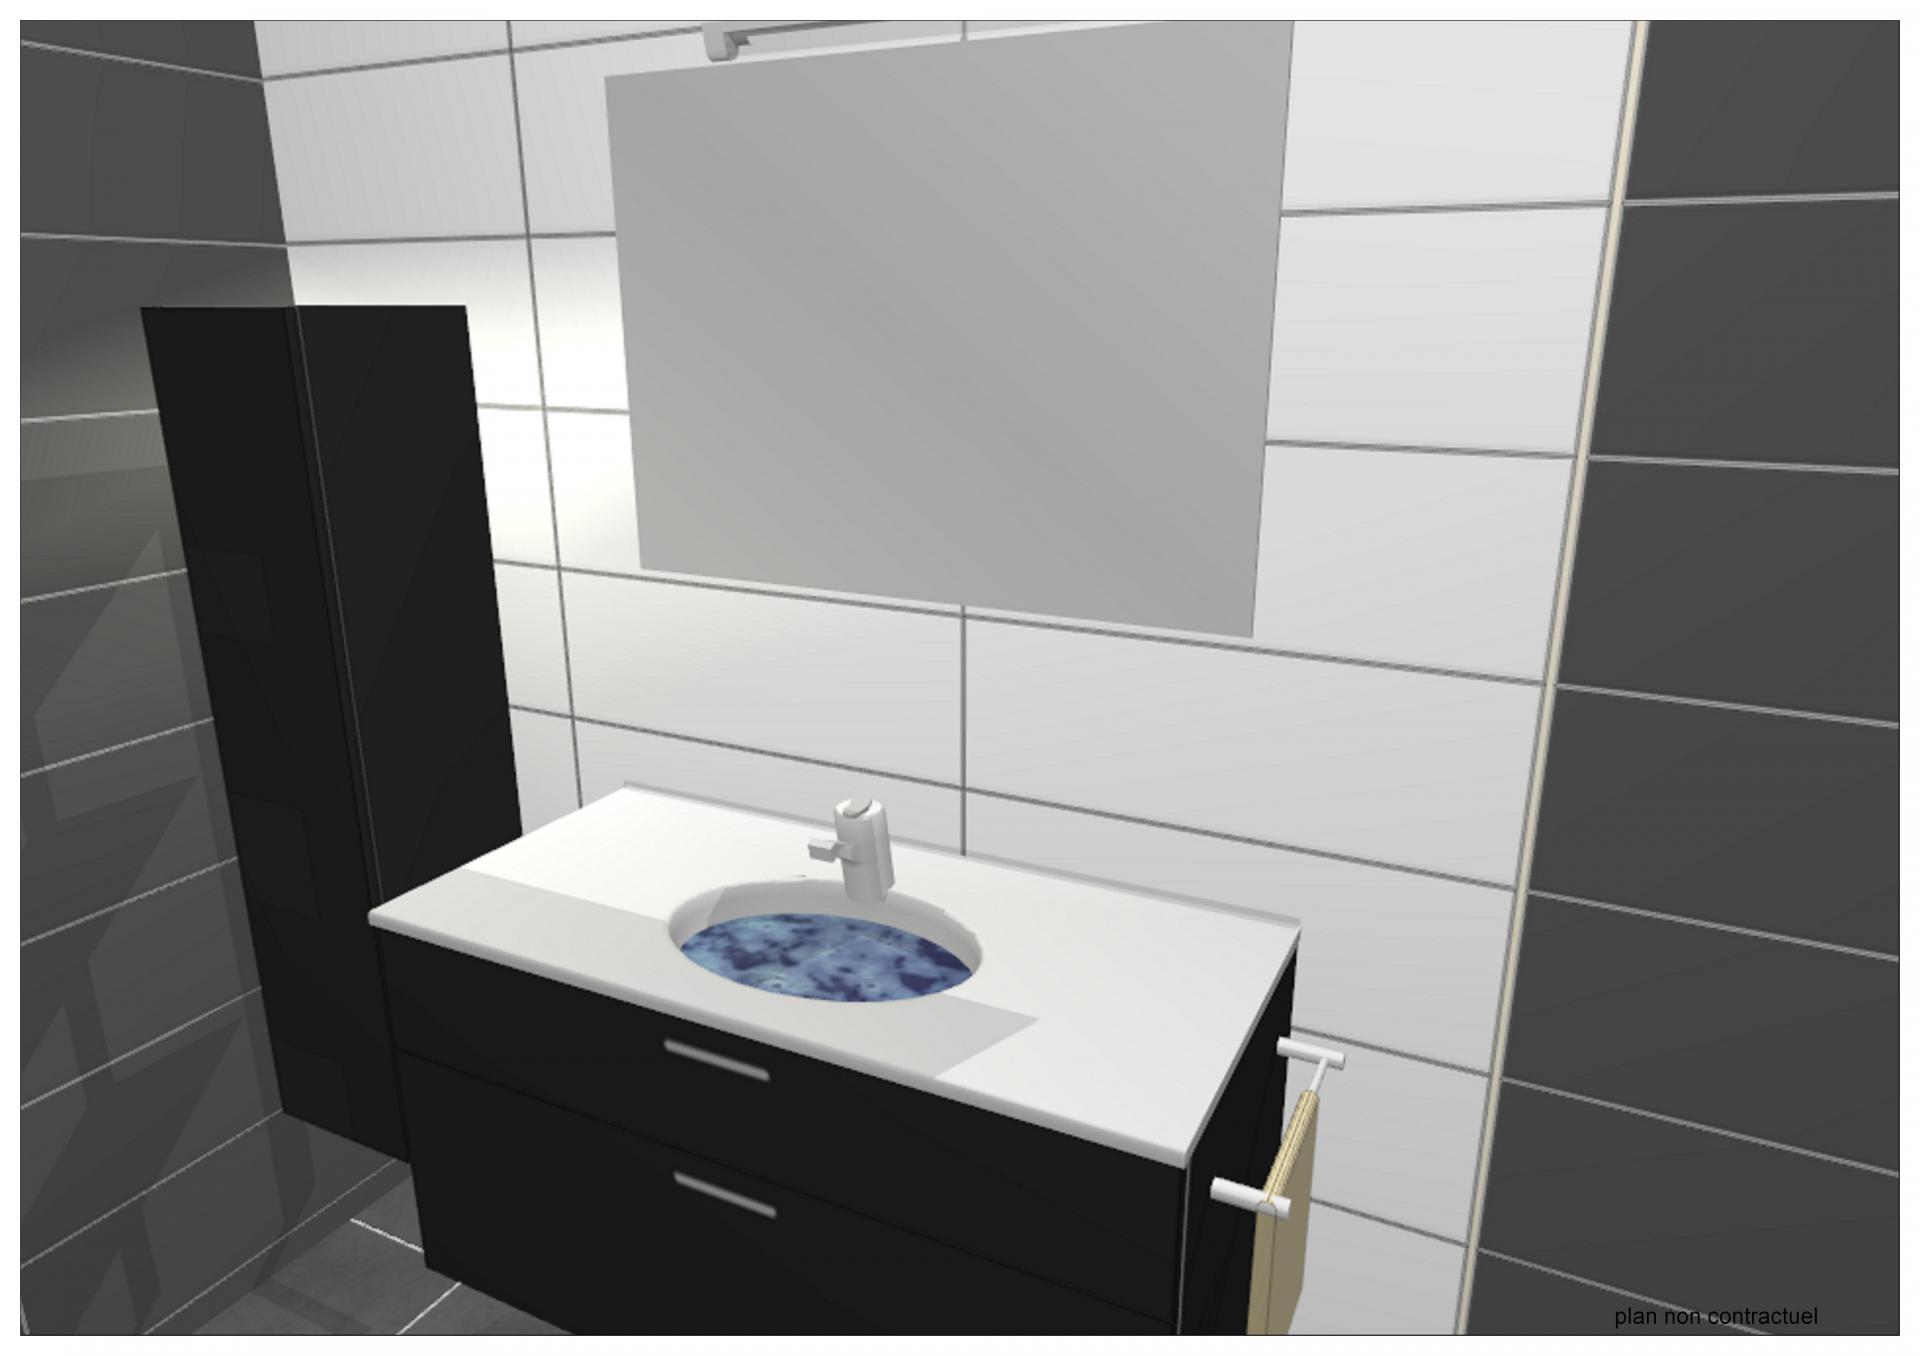 Etudes et plans cuisine salle de bains Simulation salle de bain 3d gratuit